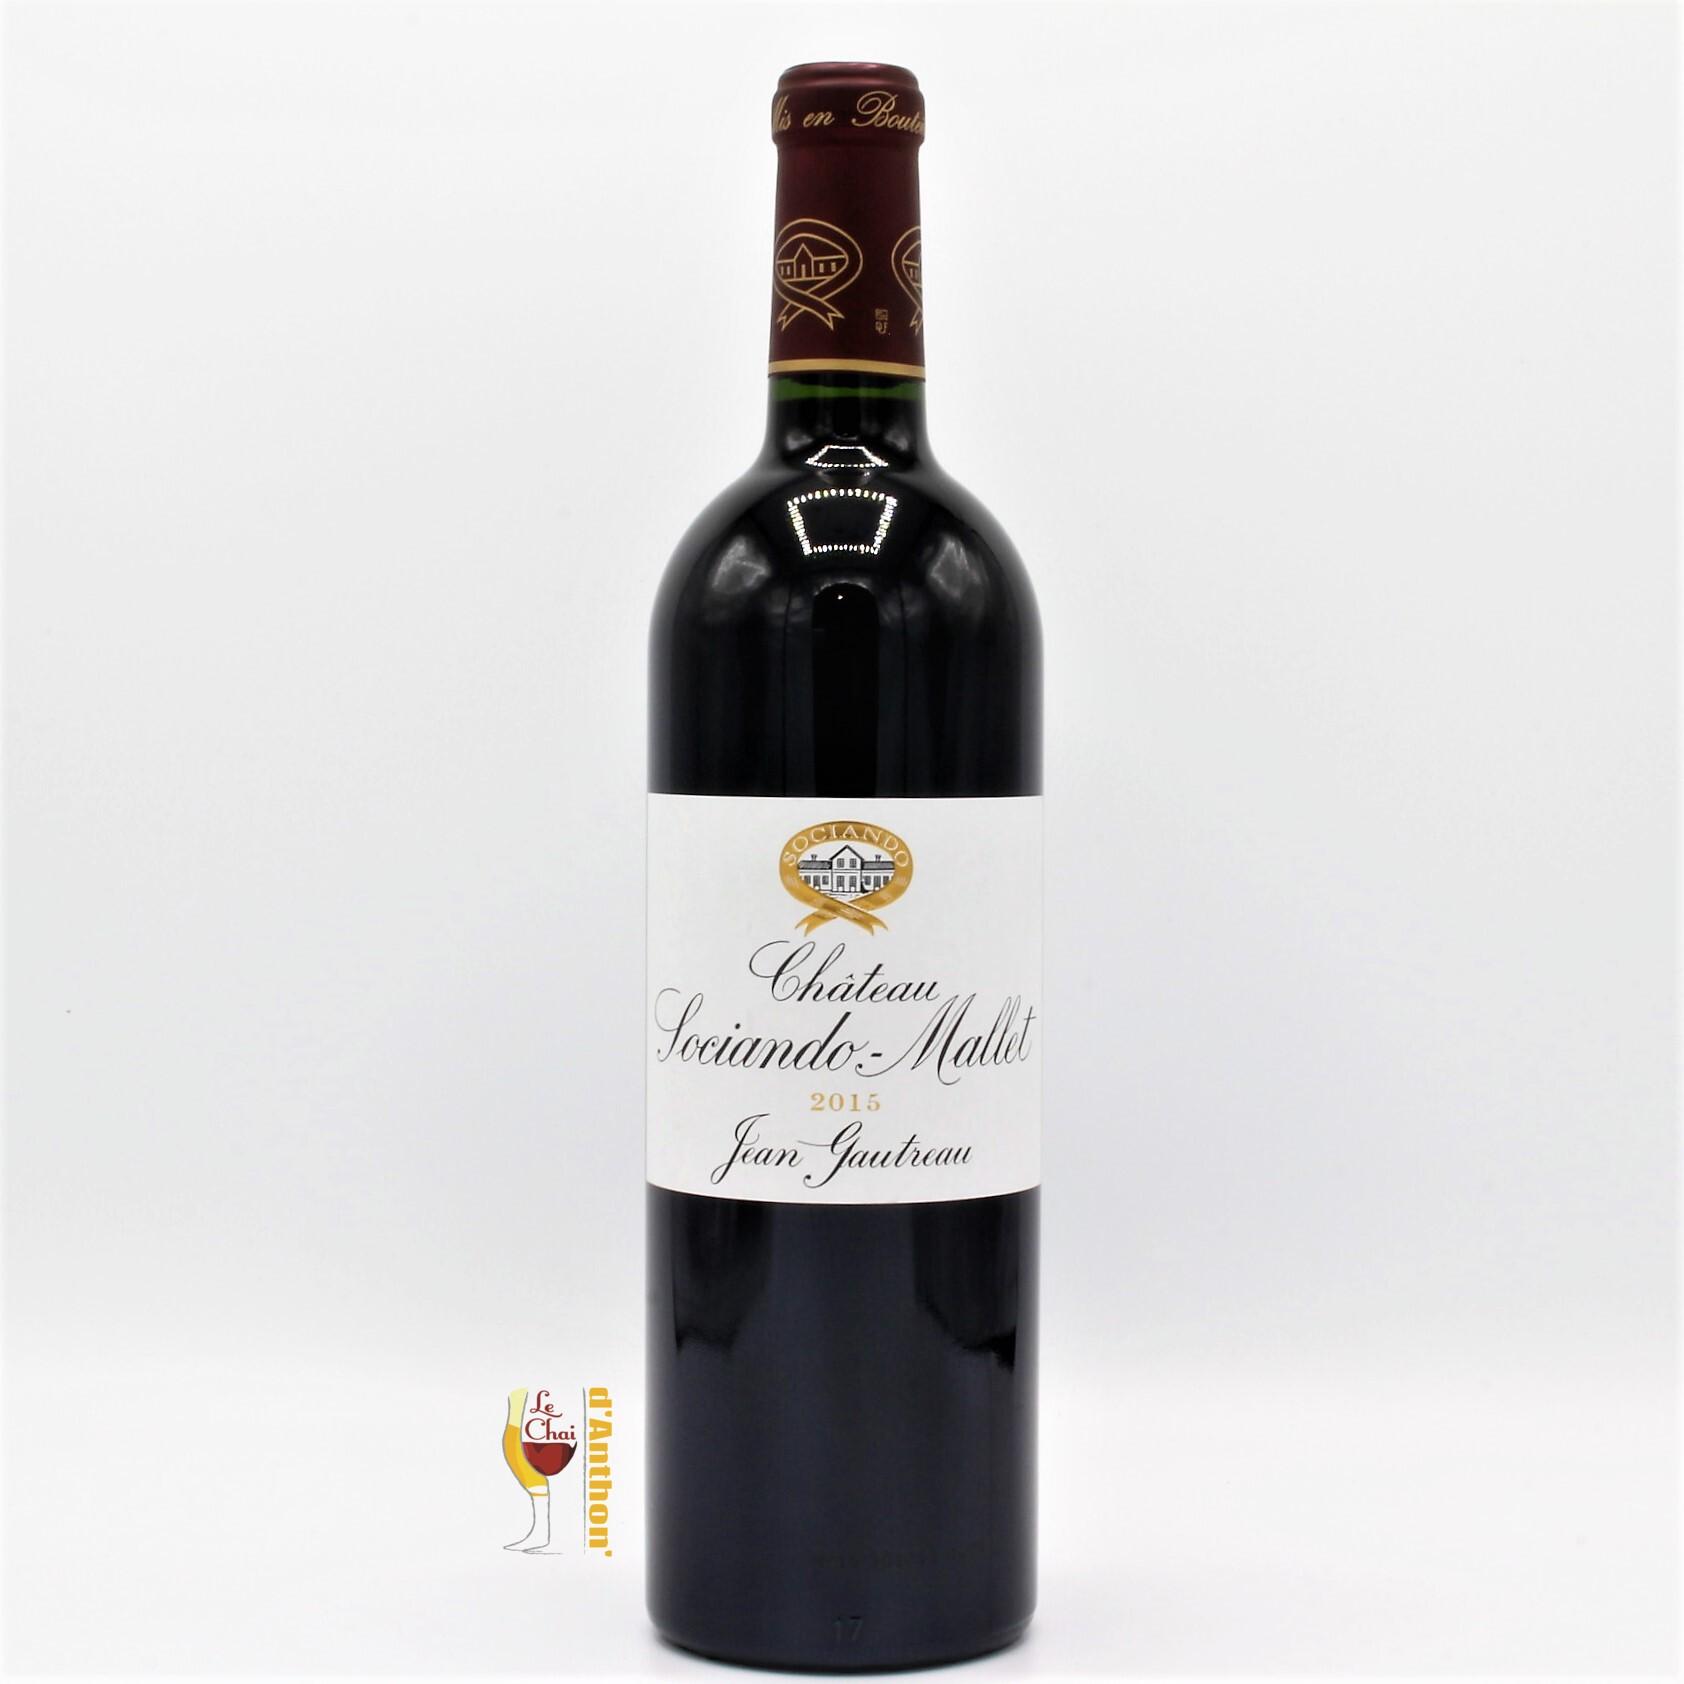 Vin Bouteille Rouge Bordeaux Haut Medoc Sociando Mallet 2015 75cl